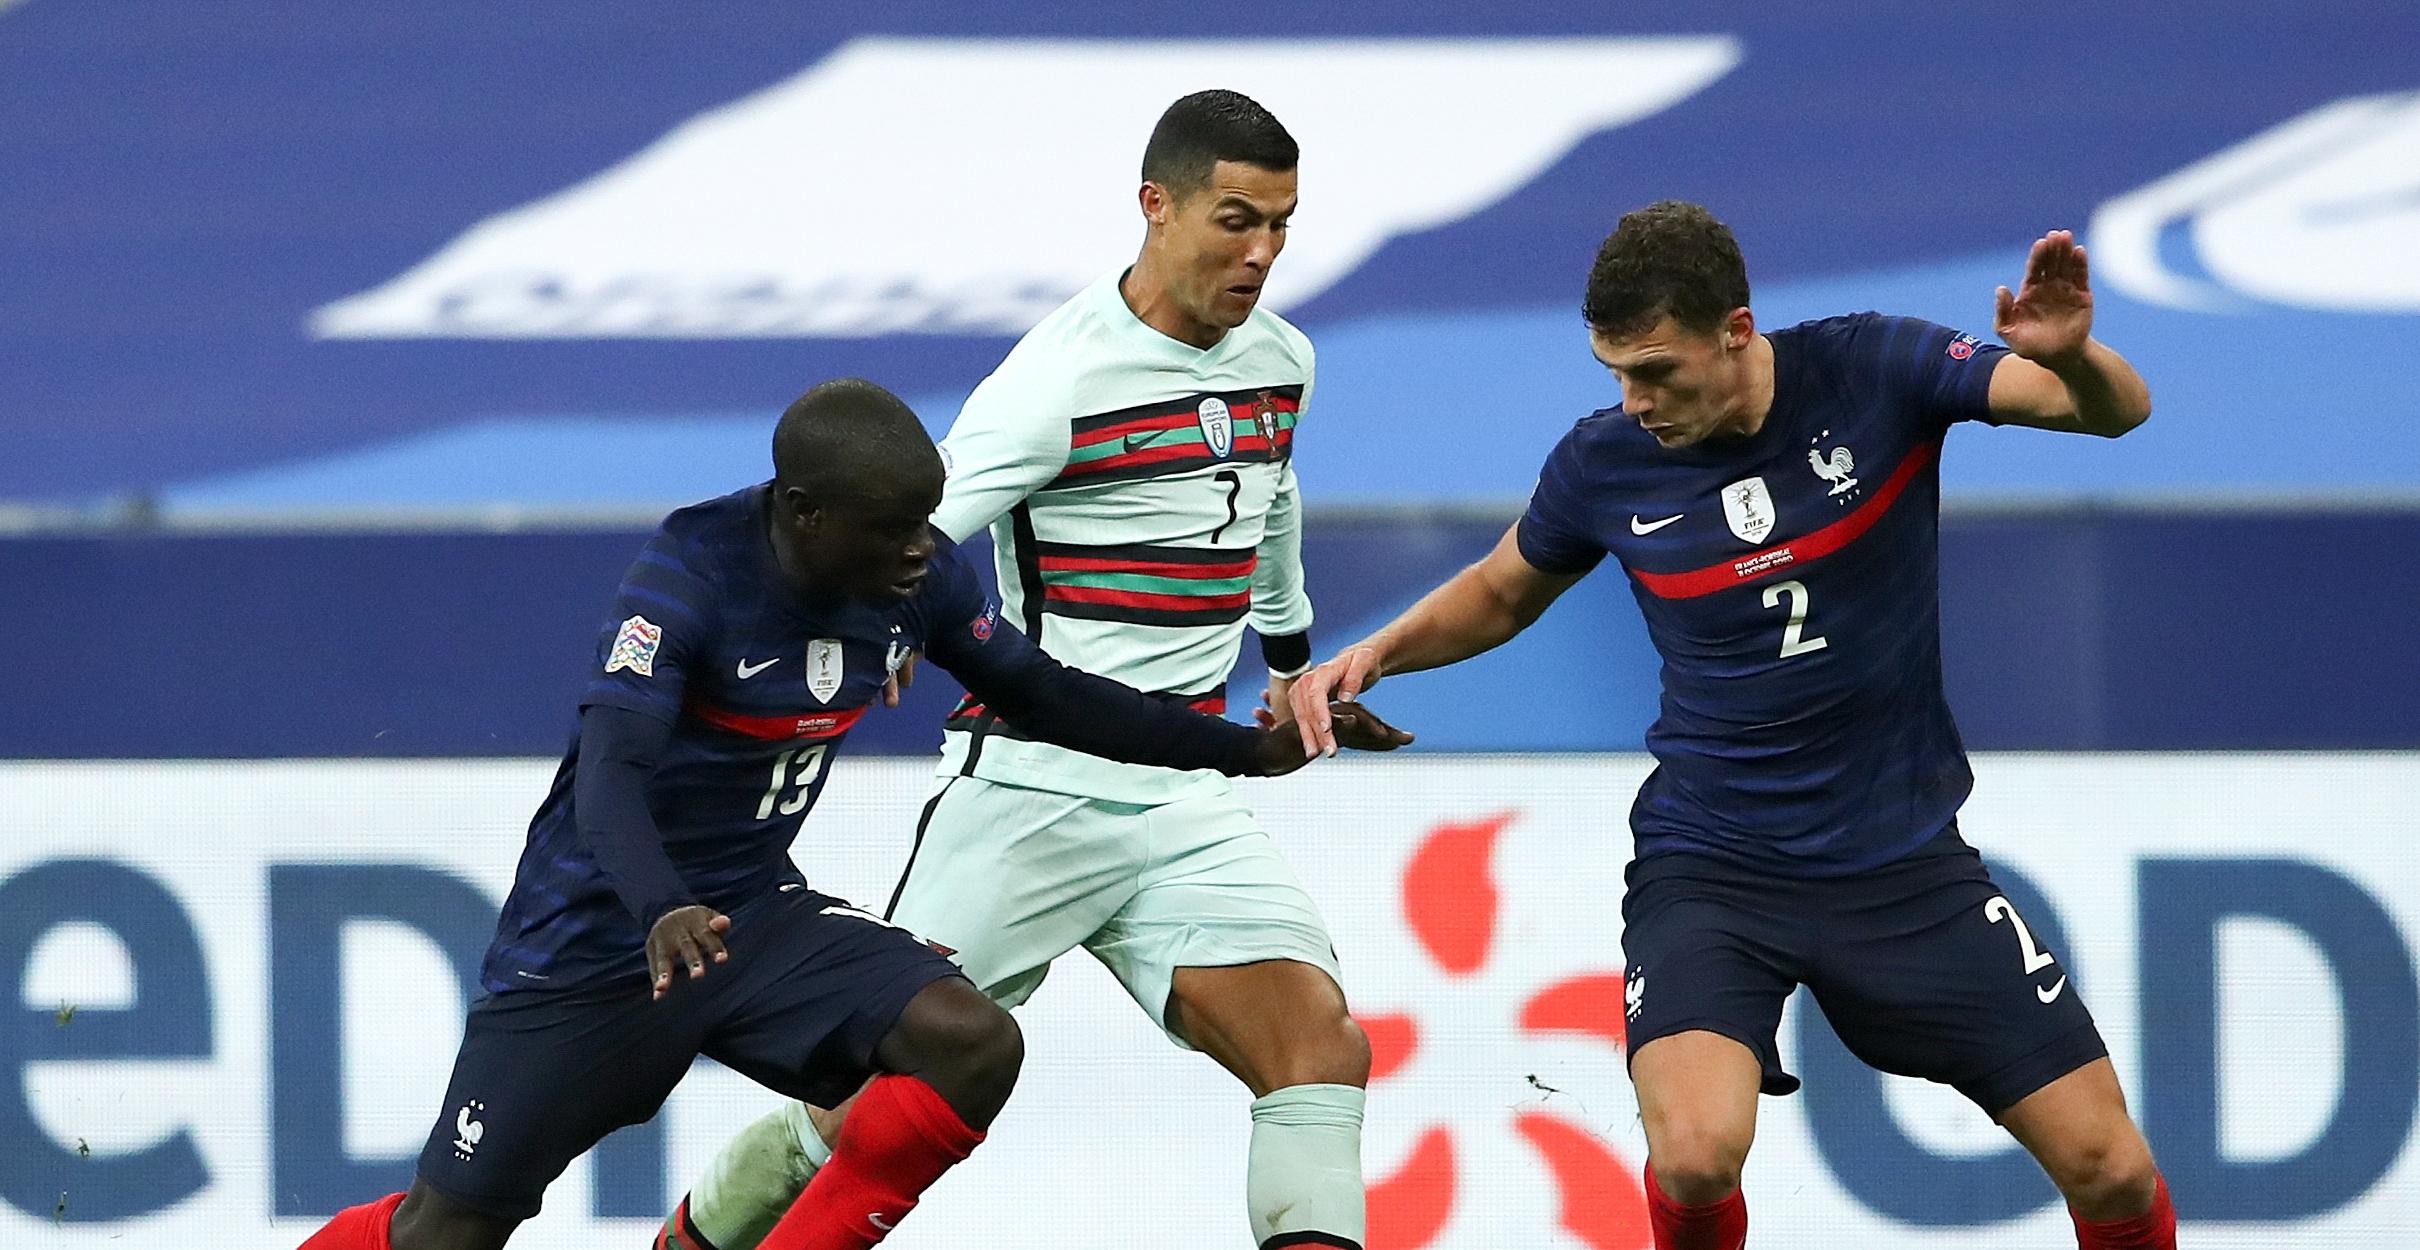 बहुप्रतीक्षित खेलमा फ्रान्स र पोर्चुगलको बराबरी